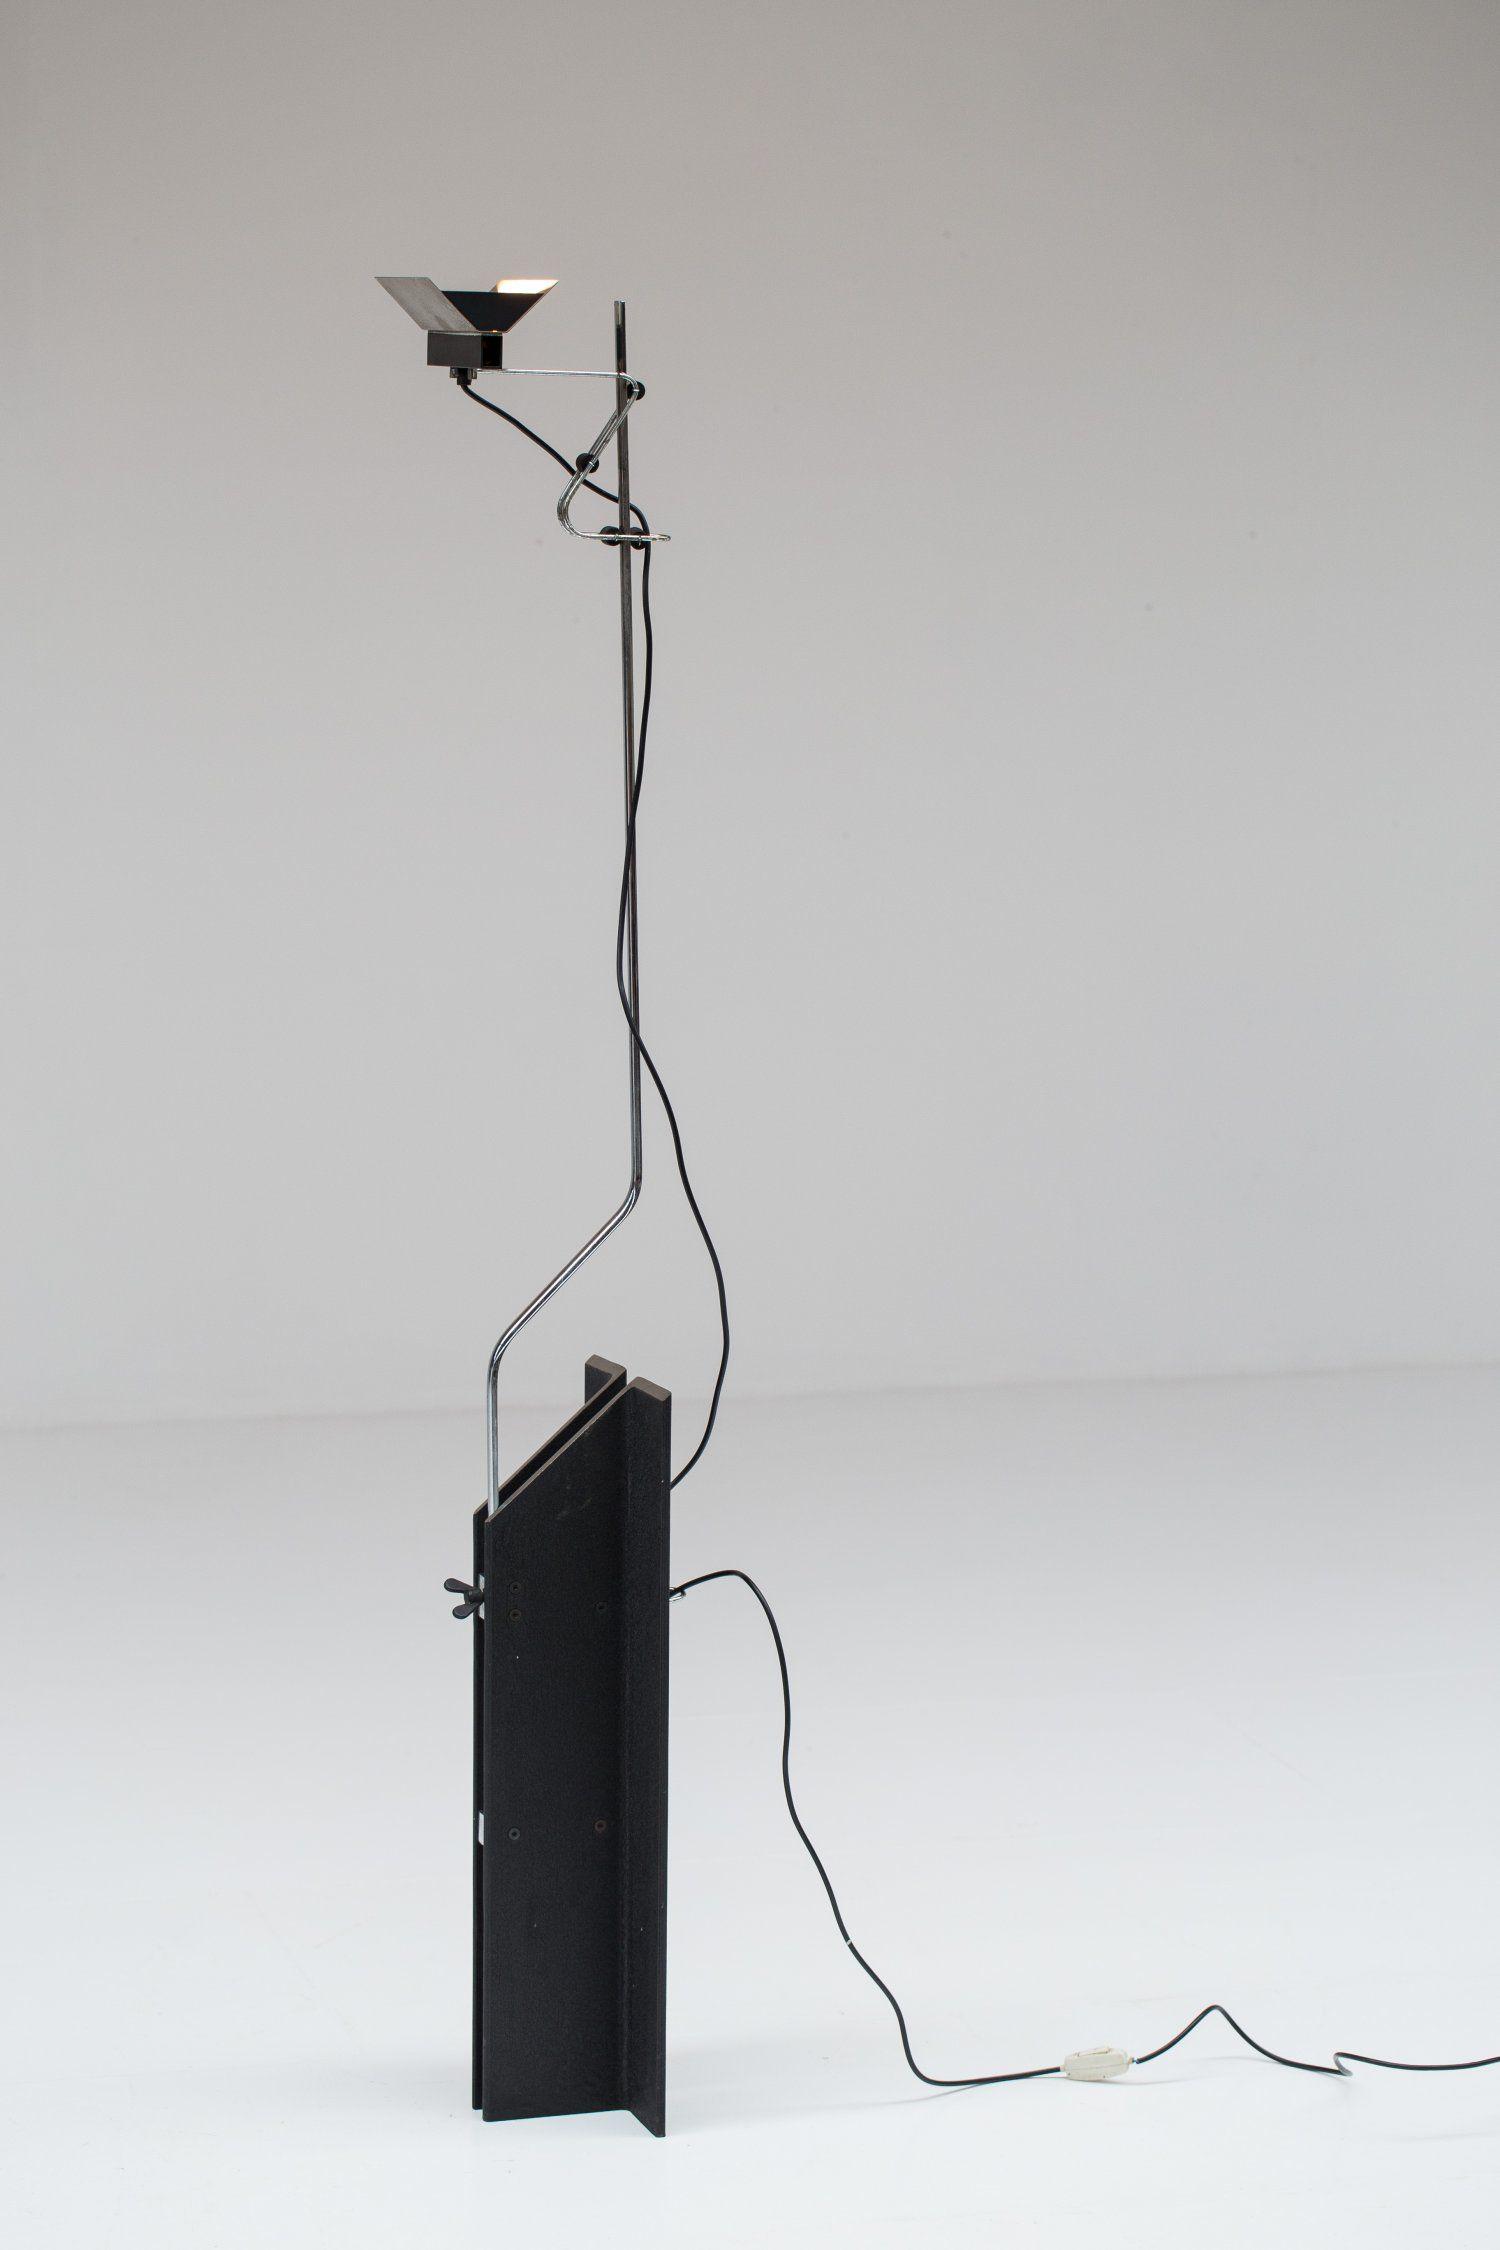 small resolution of rare floor lamp design ennio chiggio 1968